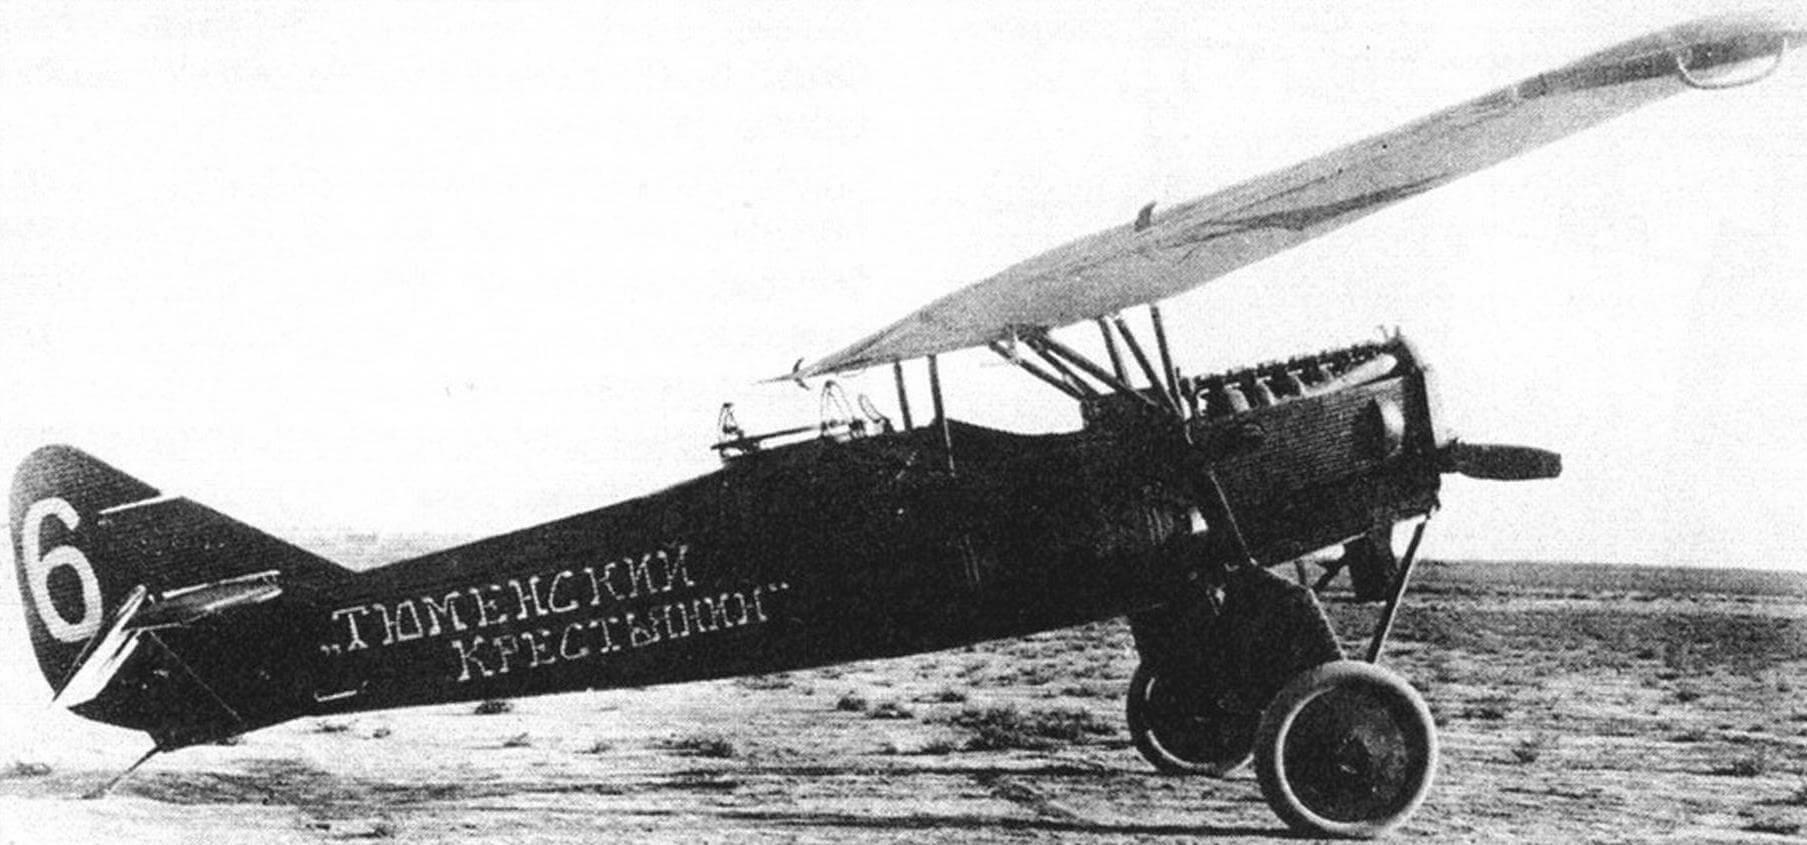 Серийный Ю-21 «Тюменский крестьянин». Он входил в так называемую эскадрилью им. Свердлова, самолеты которой приобретались на средства, собранные на Урале. Этот Ю-21 попал во 2-й орао в Ташкенте